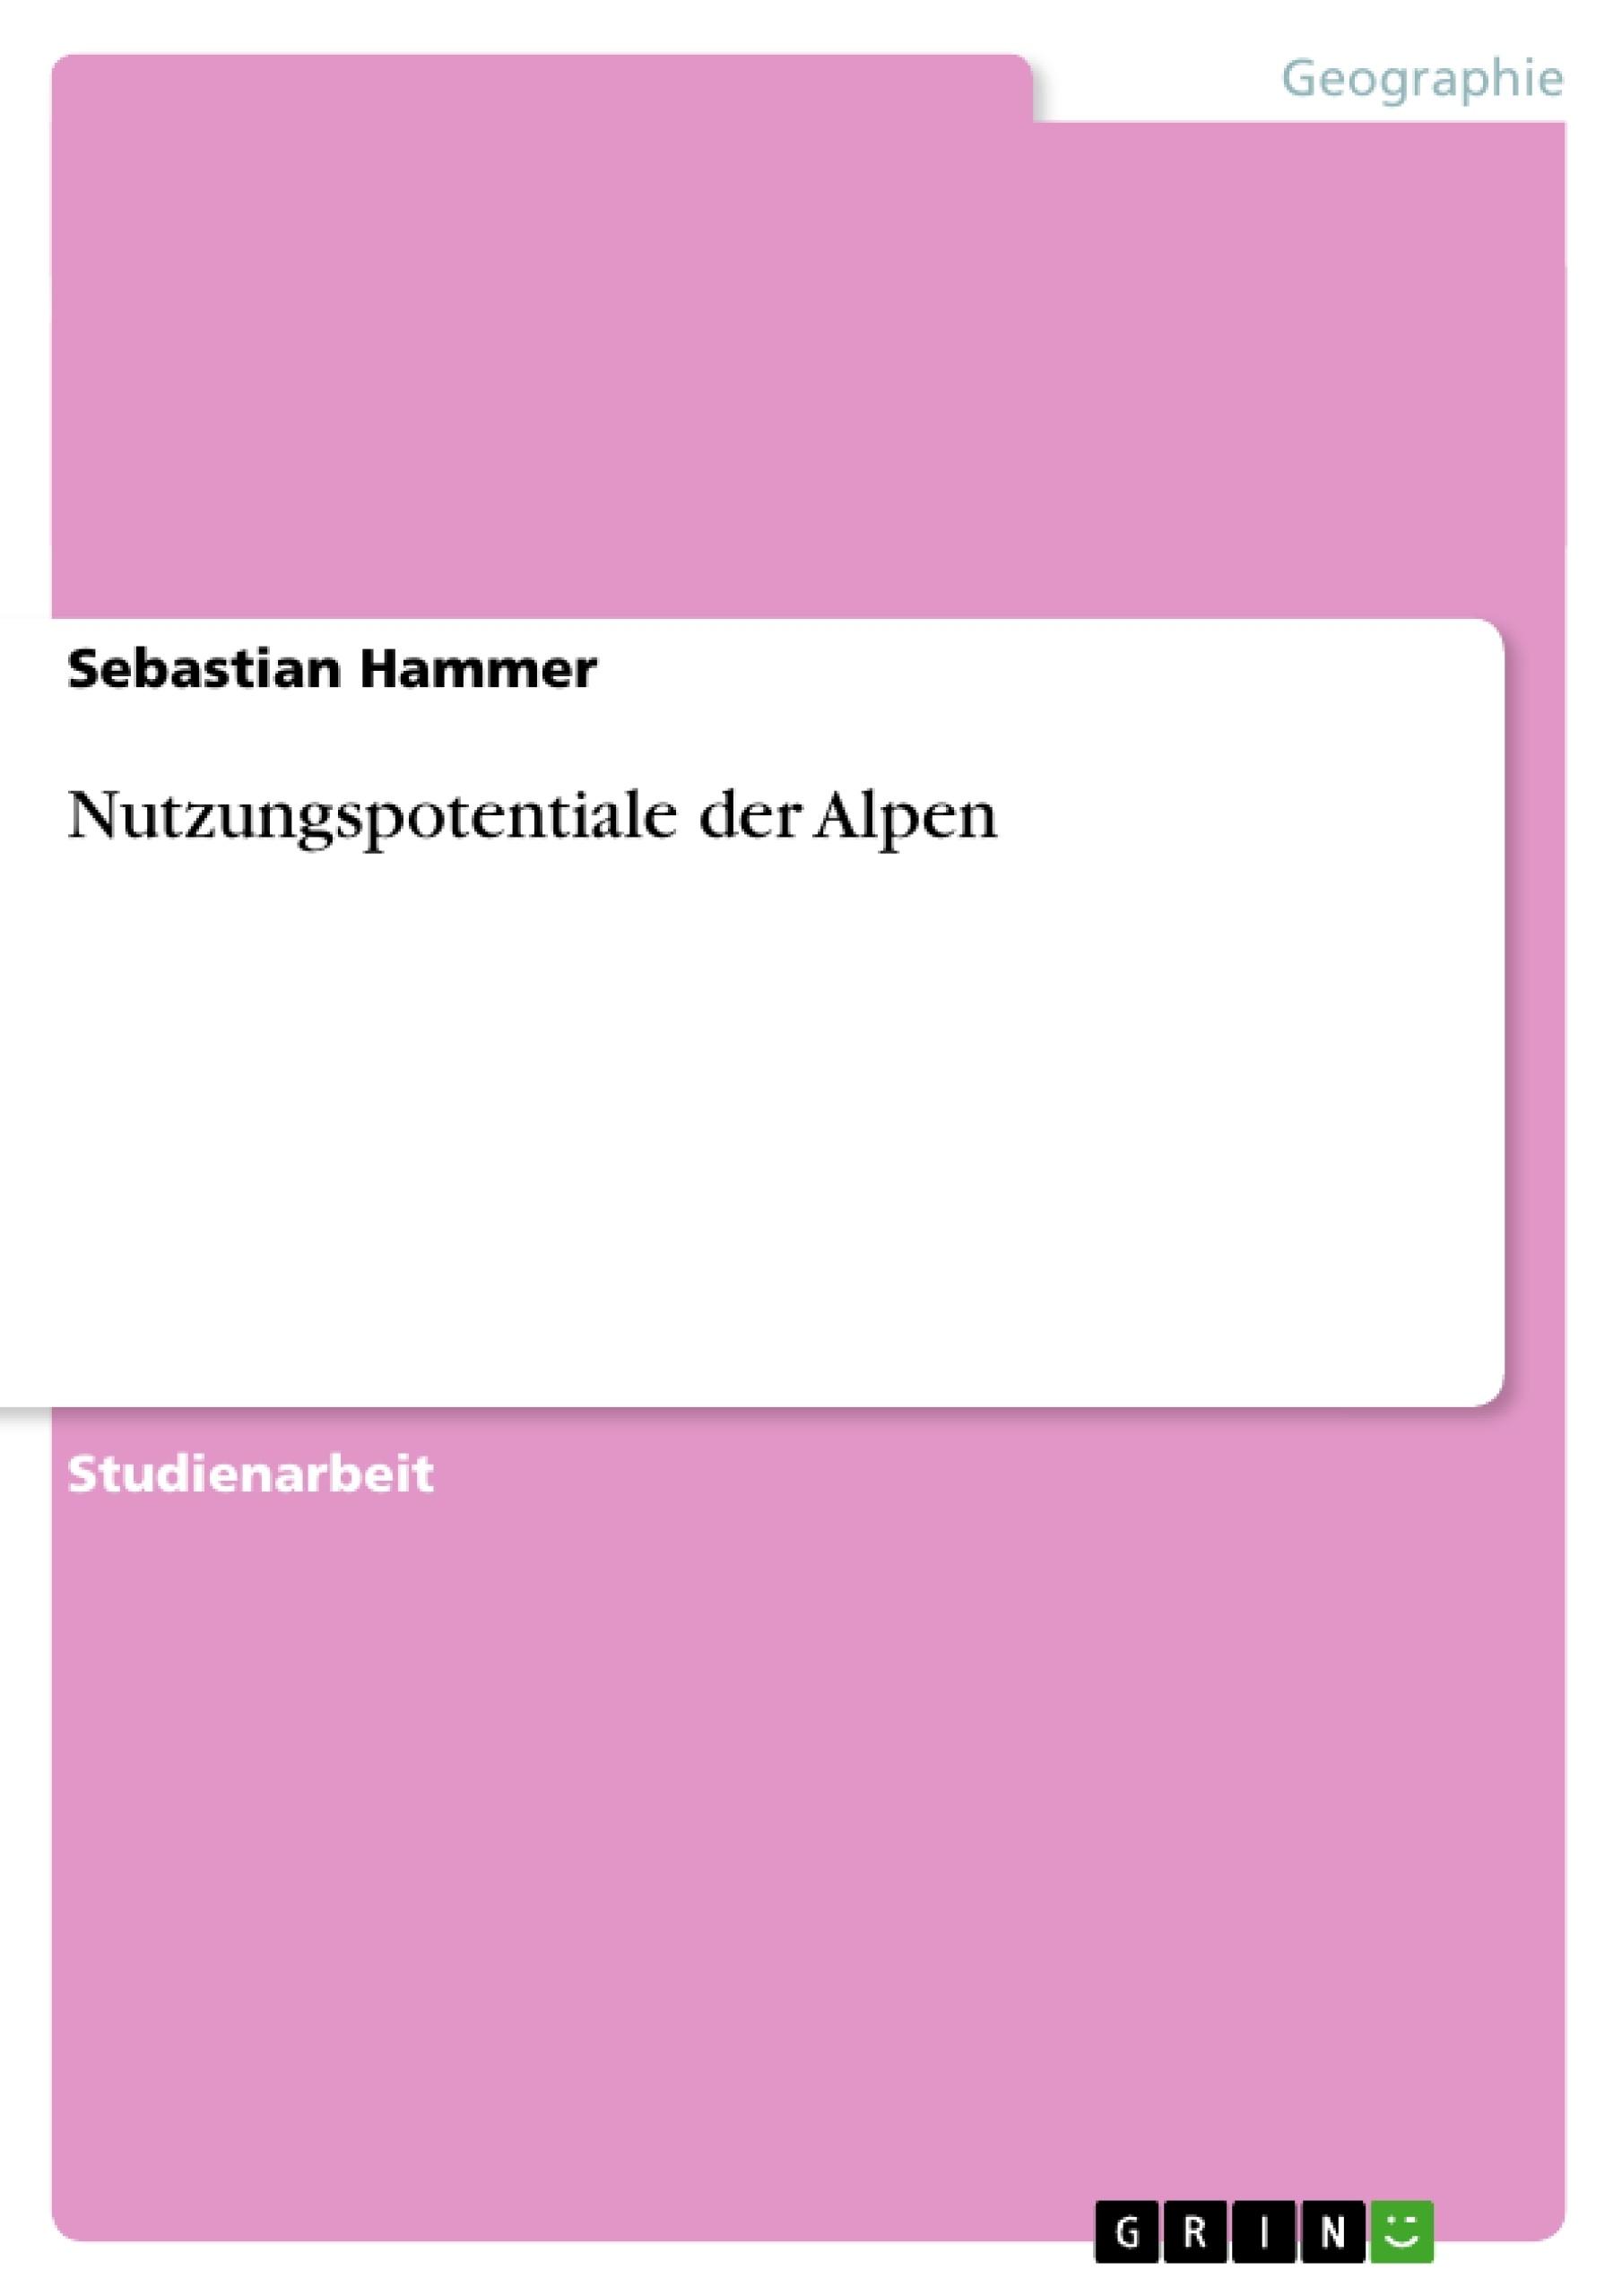 Titel: Nutzungspotentiale der Alpen